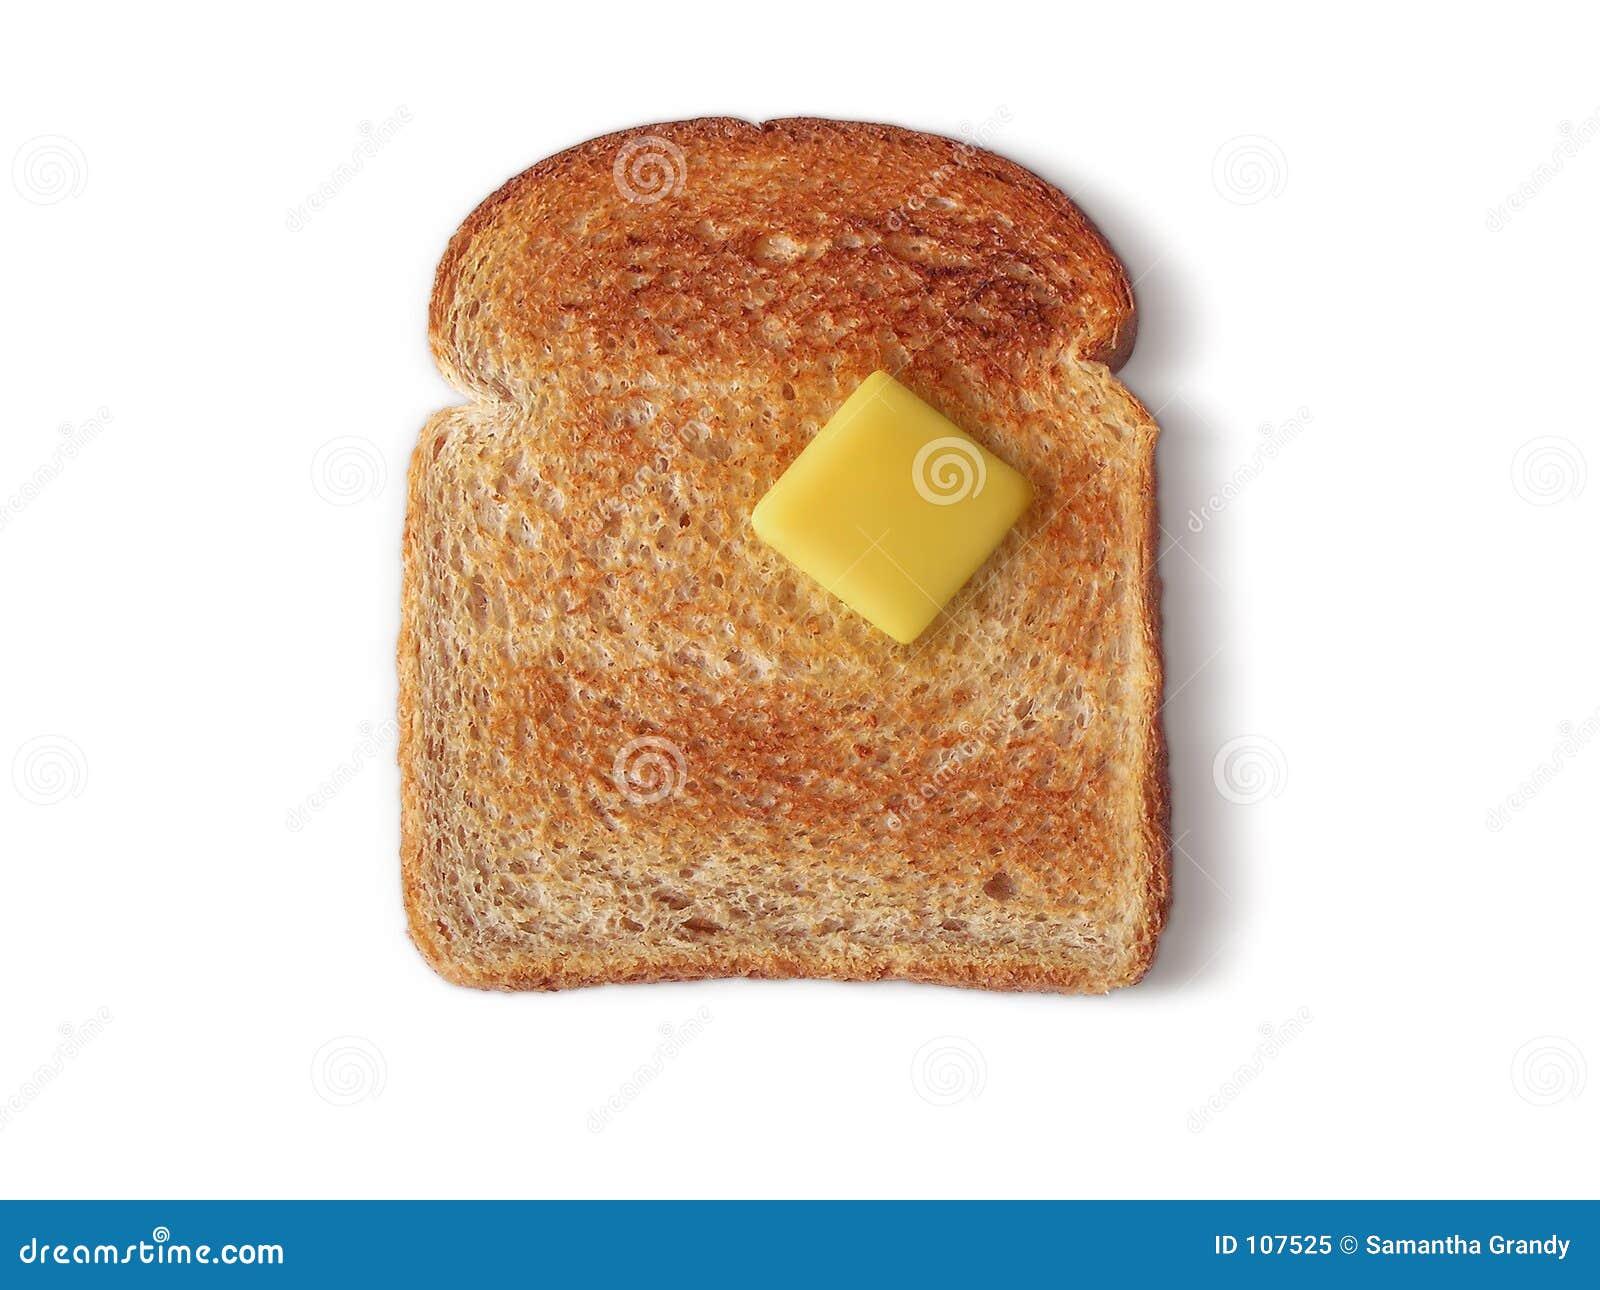 συμπεριλαμβανόμενη ψωμί τελειότητα μονοπατιών ψημένος